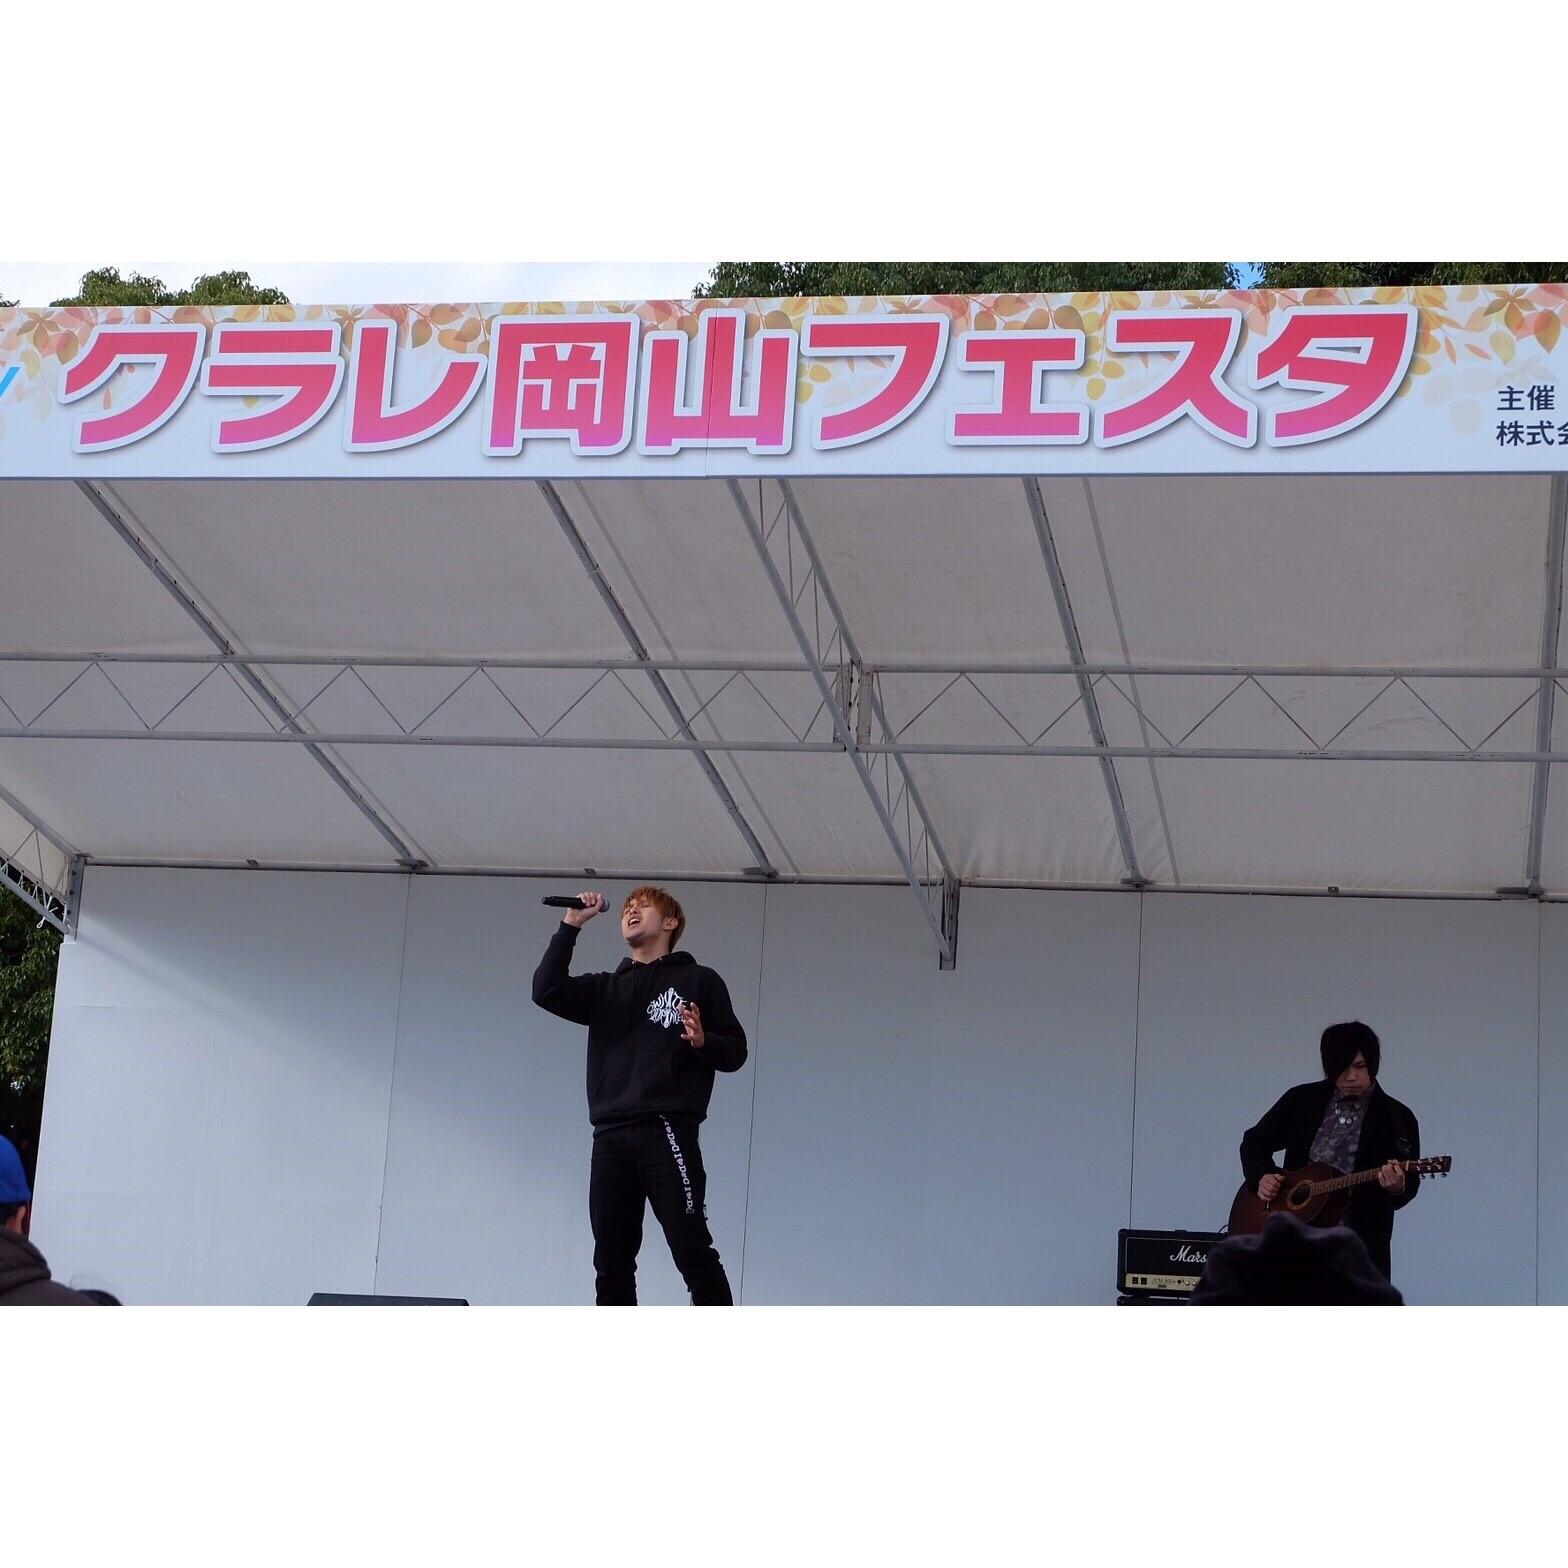 f:id:Yosuke0912:20171120193852j:image